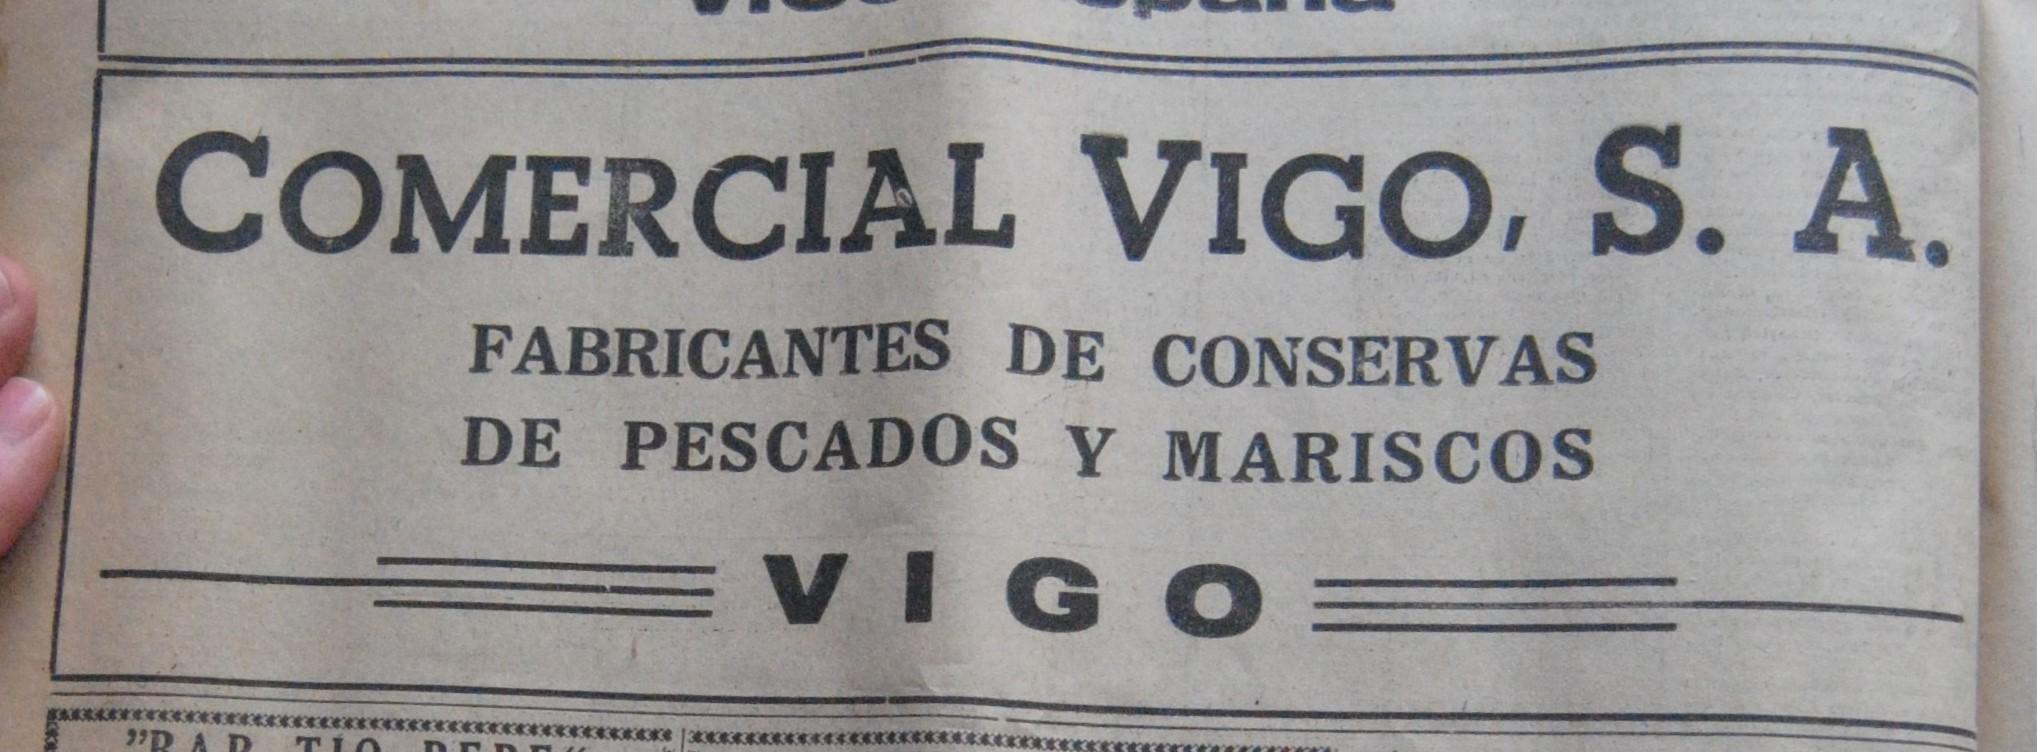 Comercial Vigo, conserveira